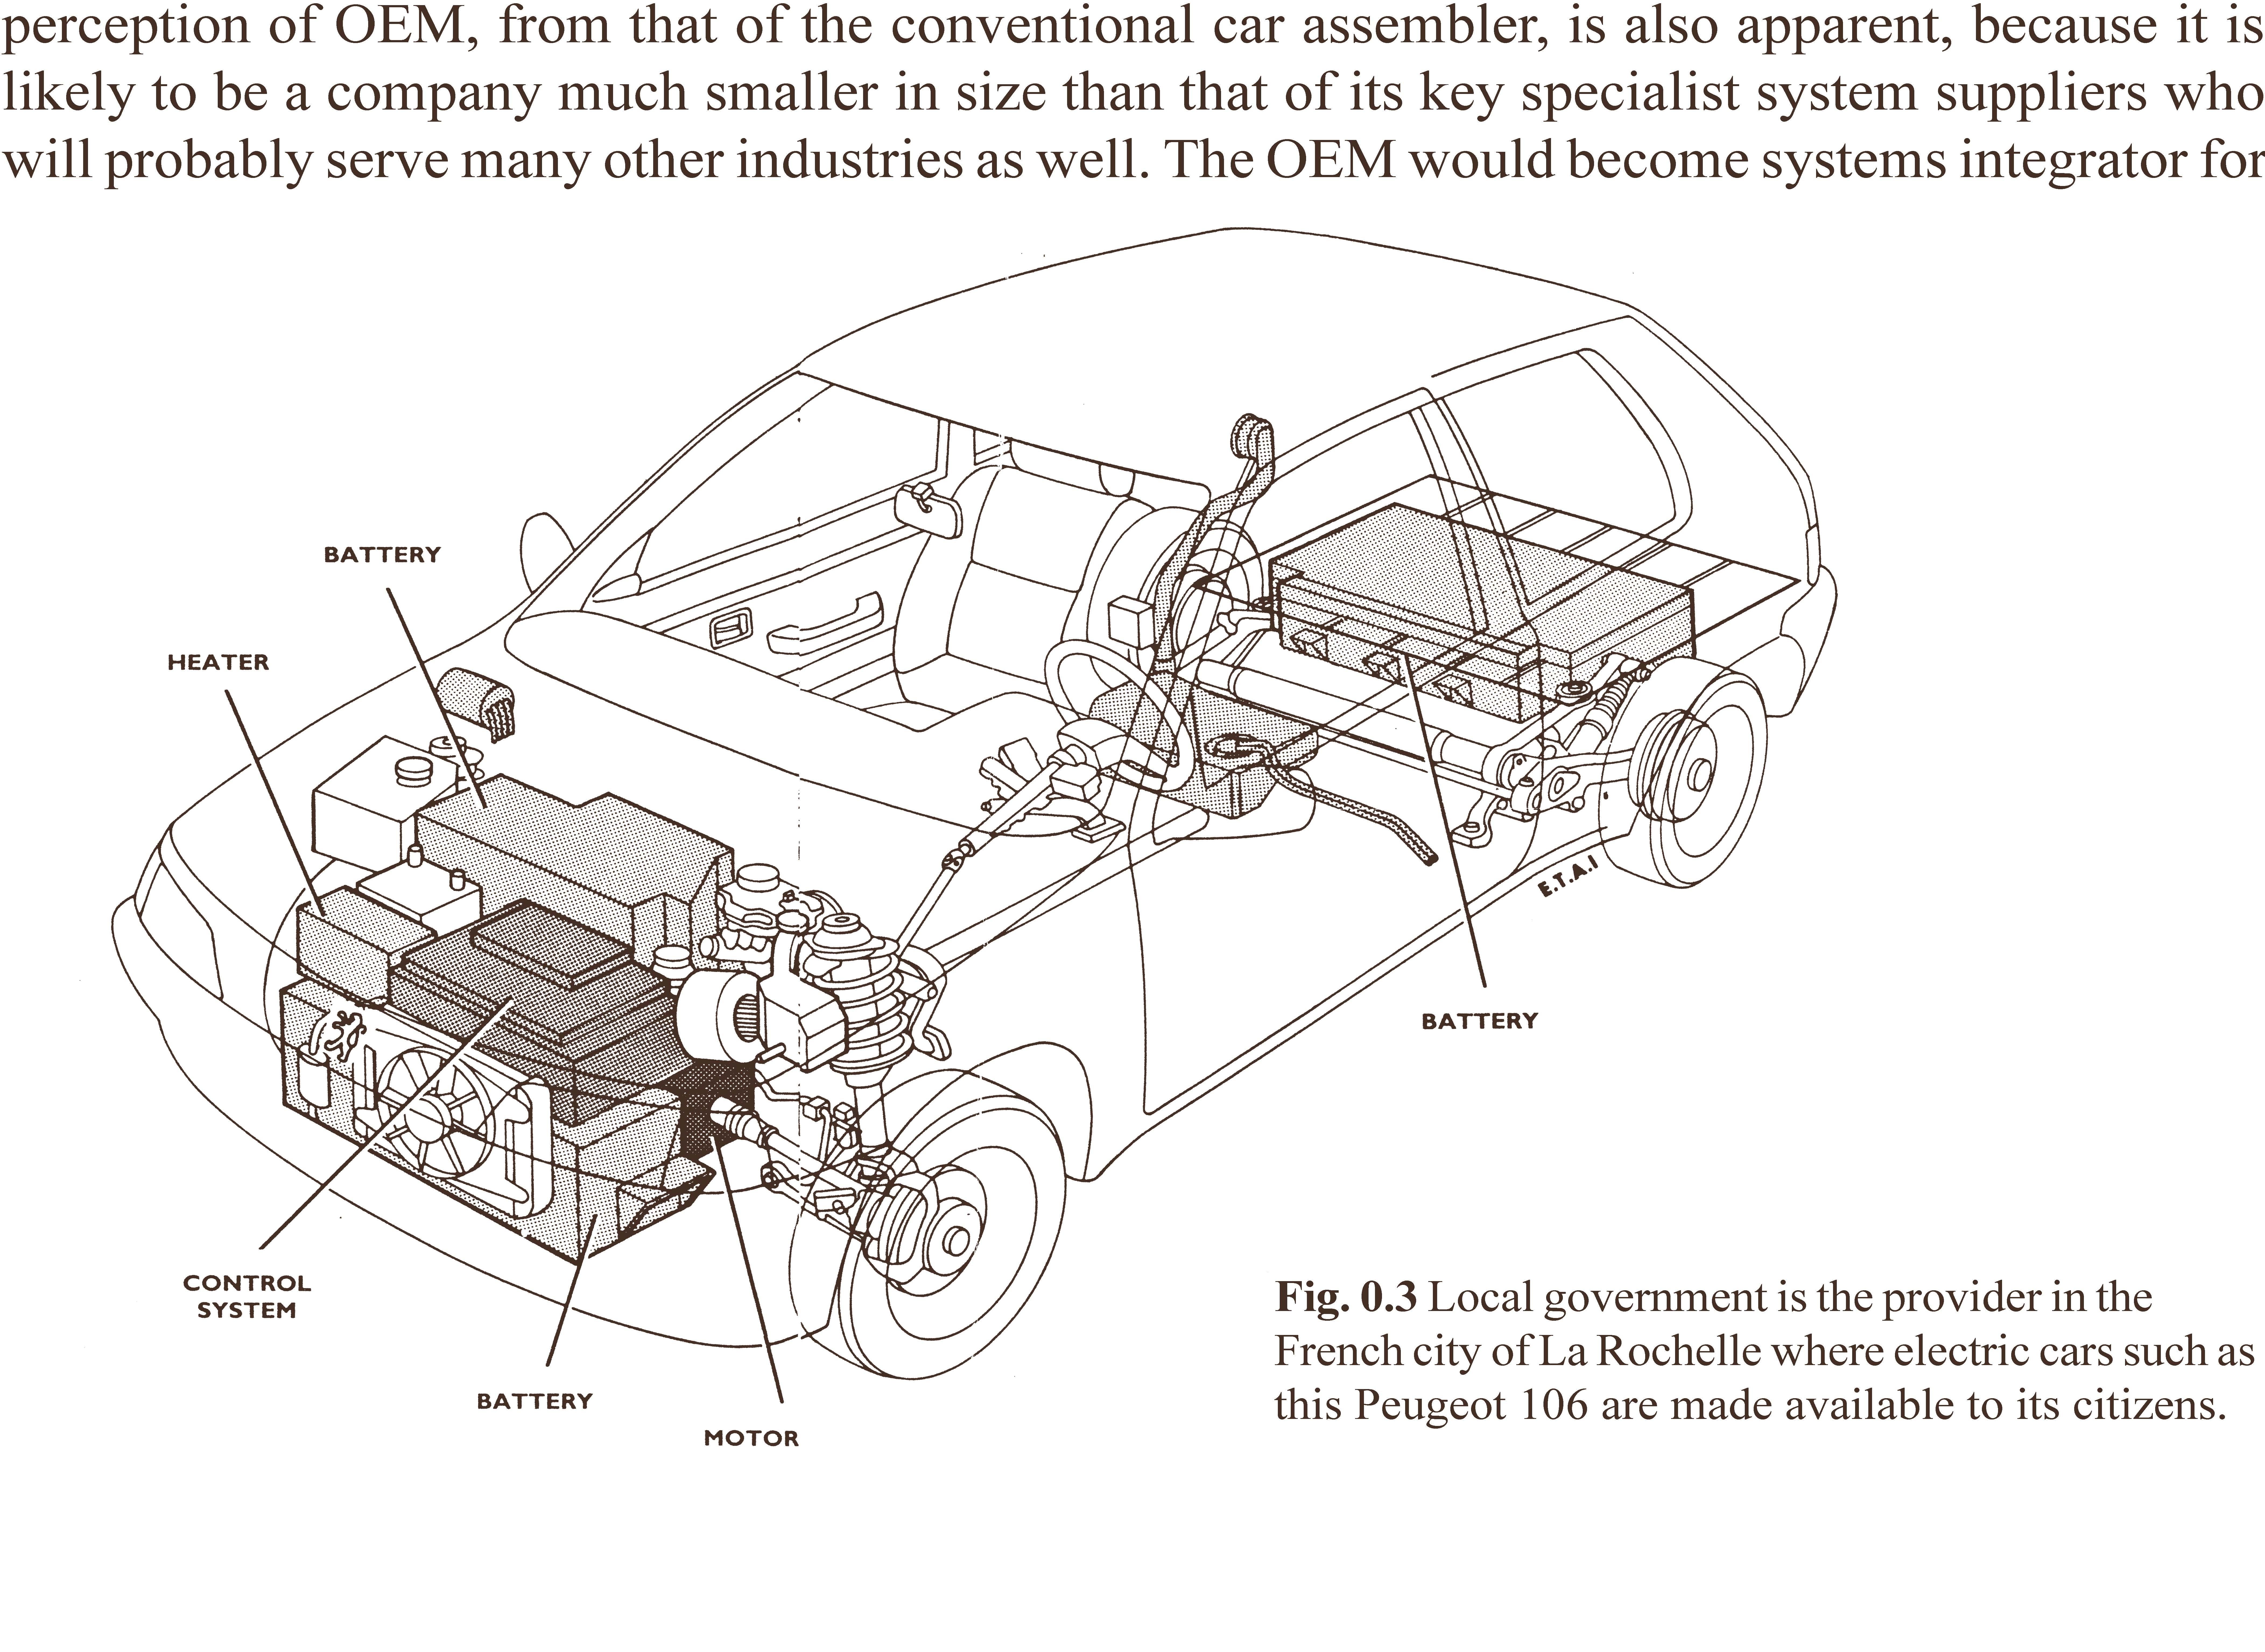 Diagram for Car Mobilizer Car Electric Vehicle Lightweight Hybrid Ev Design Of Diagram for Car Mobilizer